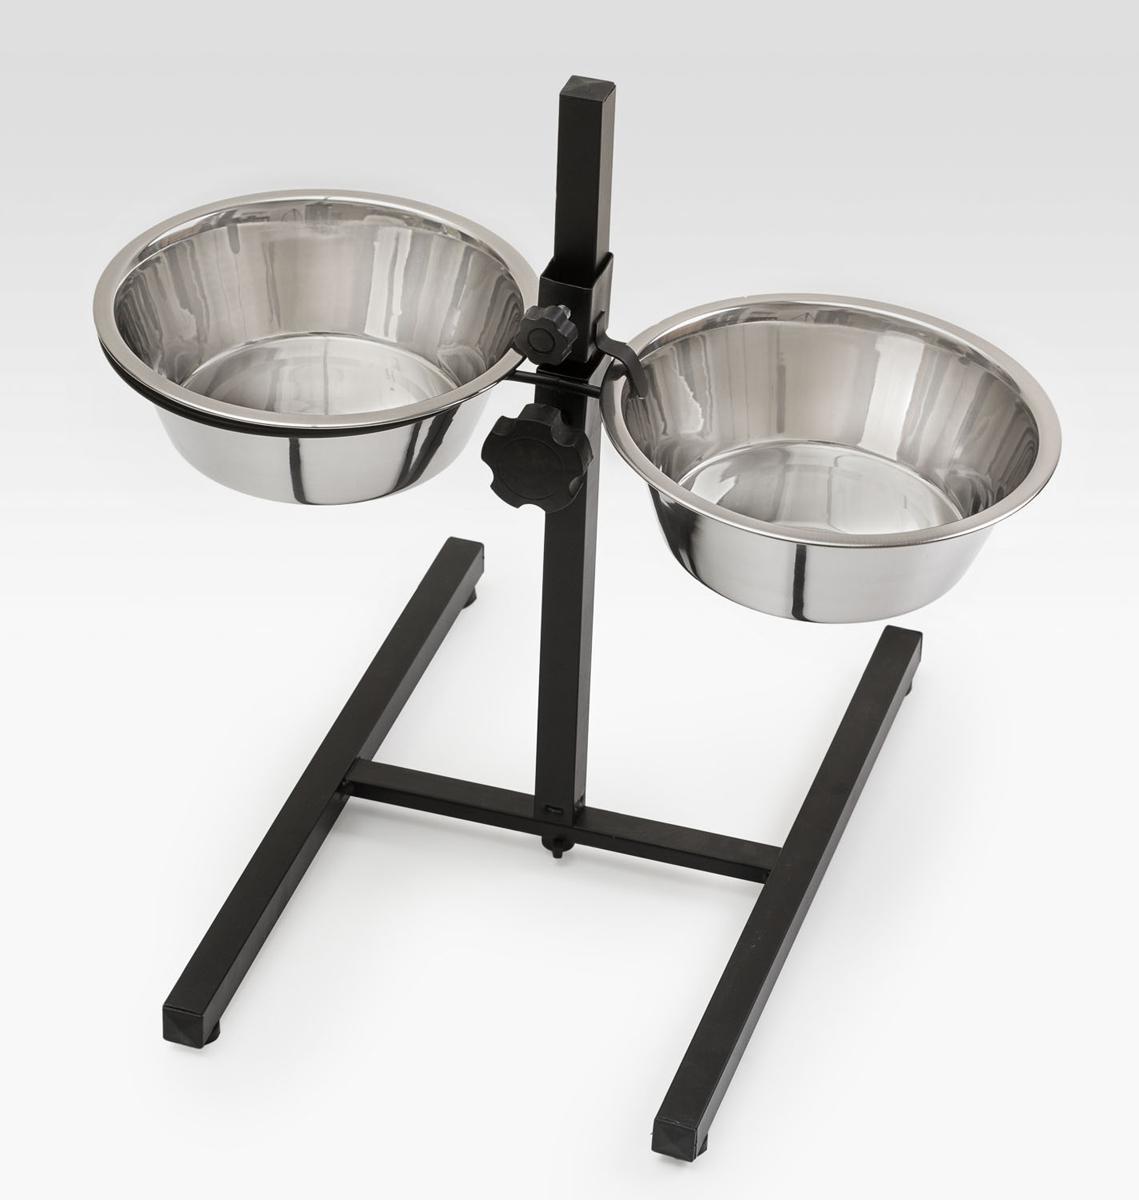 Миска для собак VM Double Diner, двойная, с телескопической подставкой, 2 х 1,75 л0120710Двойная миска VM Double Diner - это функциональный аксессуар для собак. Изделия выполнены из высококачественного металла. Разборная телескопическая подставка позволяет регулировать оптимальный уровень миски по росту питомца, способствуя правильному развитию скелета, осанки и улучшению пищеварения. Миски легко моются. Ваш любимец будет доволен!Количество мисок: 2 шт. Объем одной миски: 1,75 л. Внутренний диаметр миски: 19 см. Высота миски: 6,5 см.Размер подставки: 45 х 40 х 42 см.